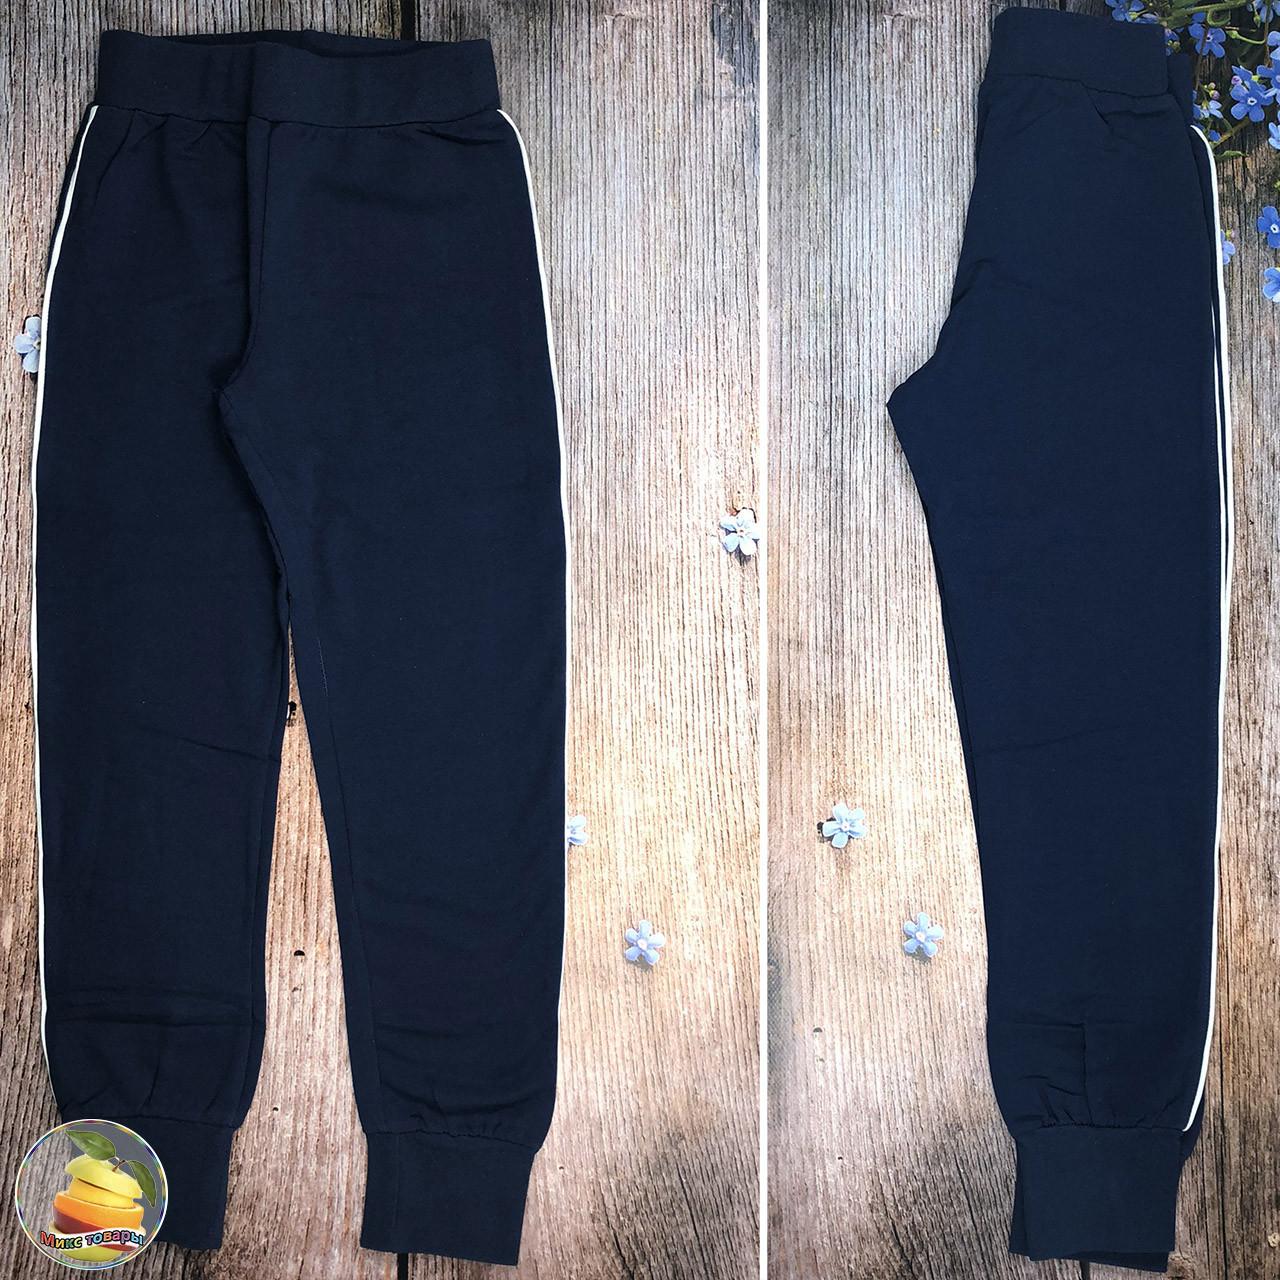 Тёмно синие спортивные штаны с лёгким начёсом (Dominik) Размеры: 134,140,146,152,158 см (20119-1)